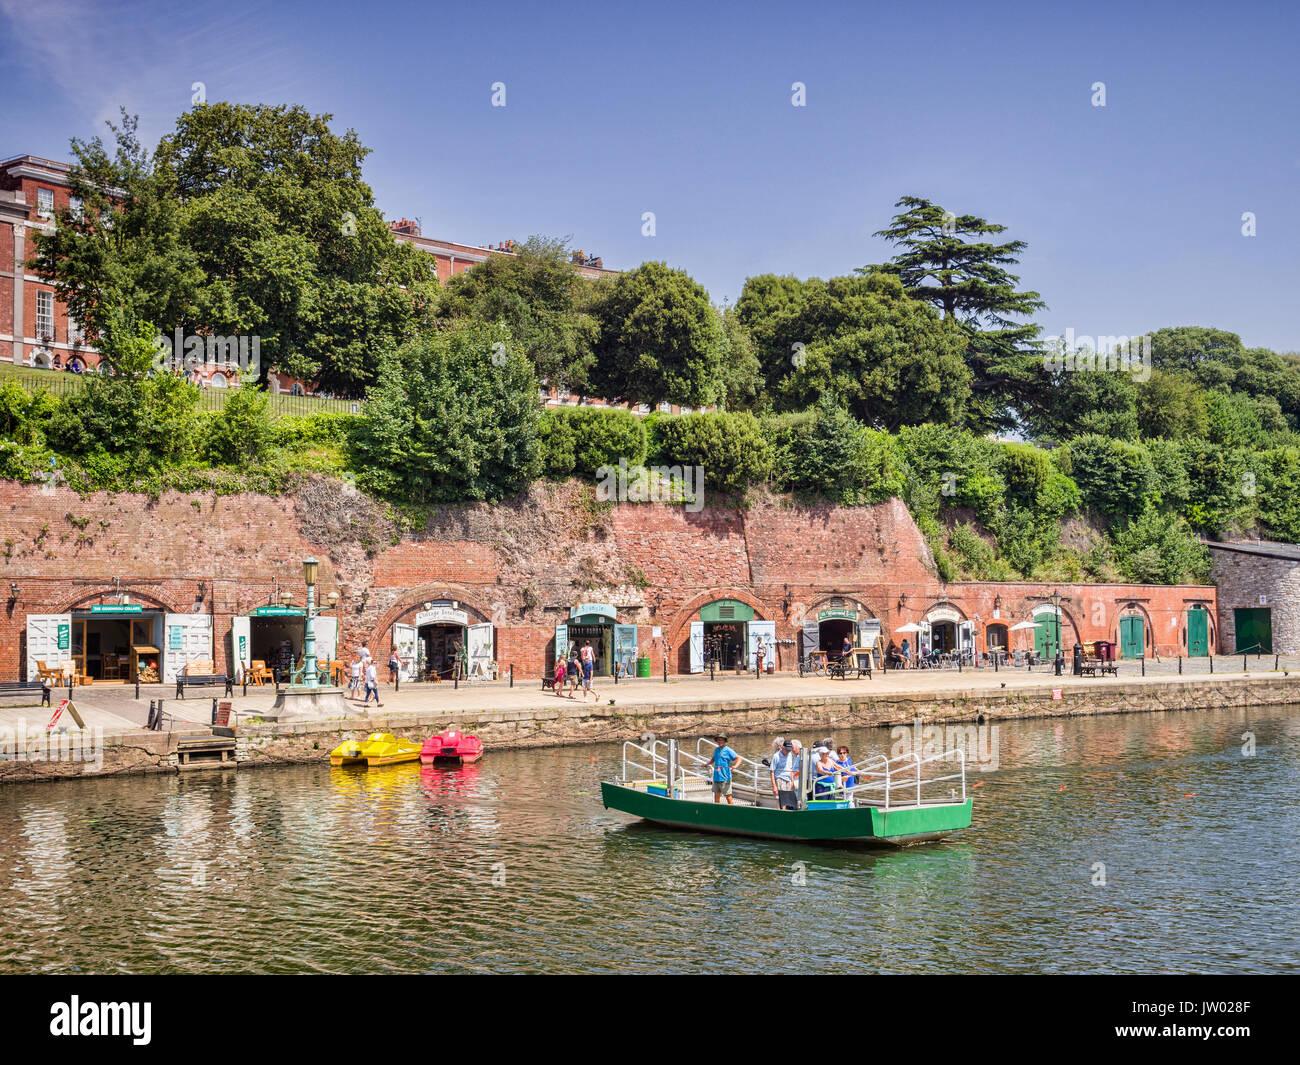 21 Giugno 2017: Exeter Quayside, Exeter Devon, Inghilterra, Regno Unito - Traghetto mozziconi, una mano alimentato via cavo , di traghetti che attraversano il fiume Exe verso i negozi e gal Immagini Stock